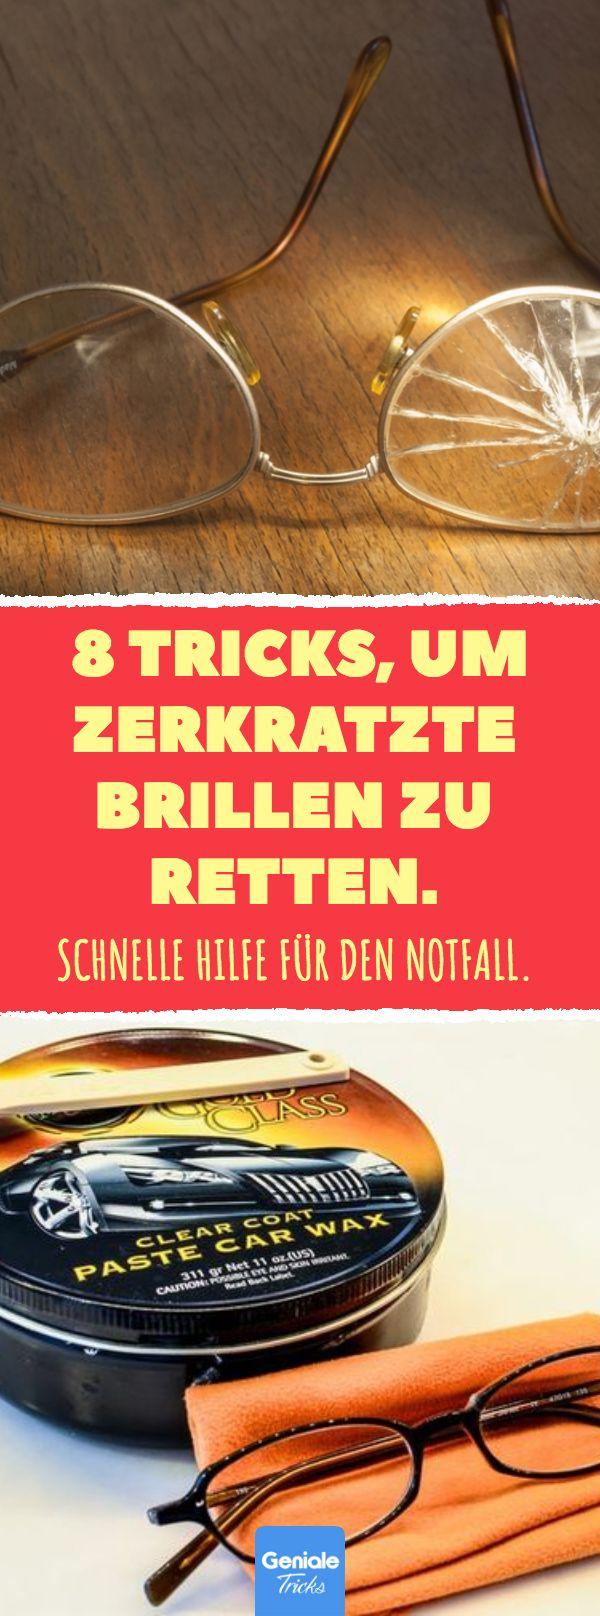 8 Tricks, um zerkratzte Brillen zu retten. #kratzer #zerkratzte #brille #life #hacks